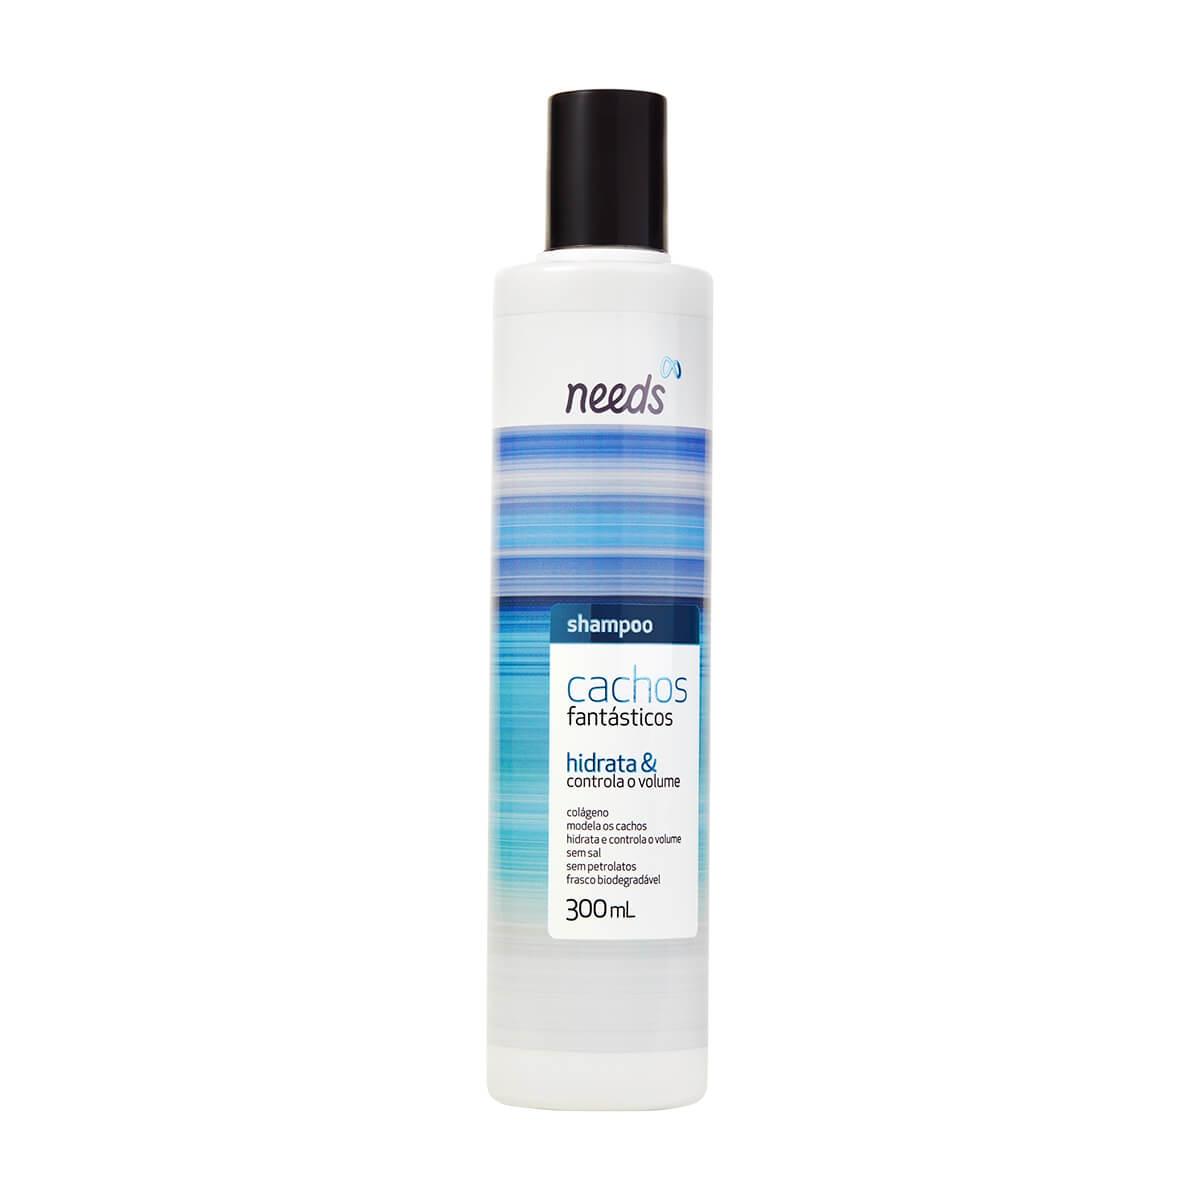 Shampoo Needs Cachos Fantásticos 300ml